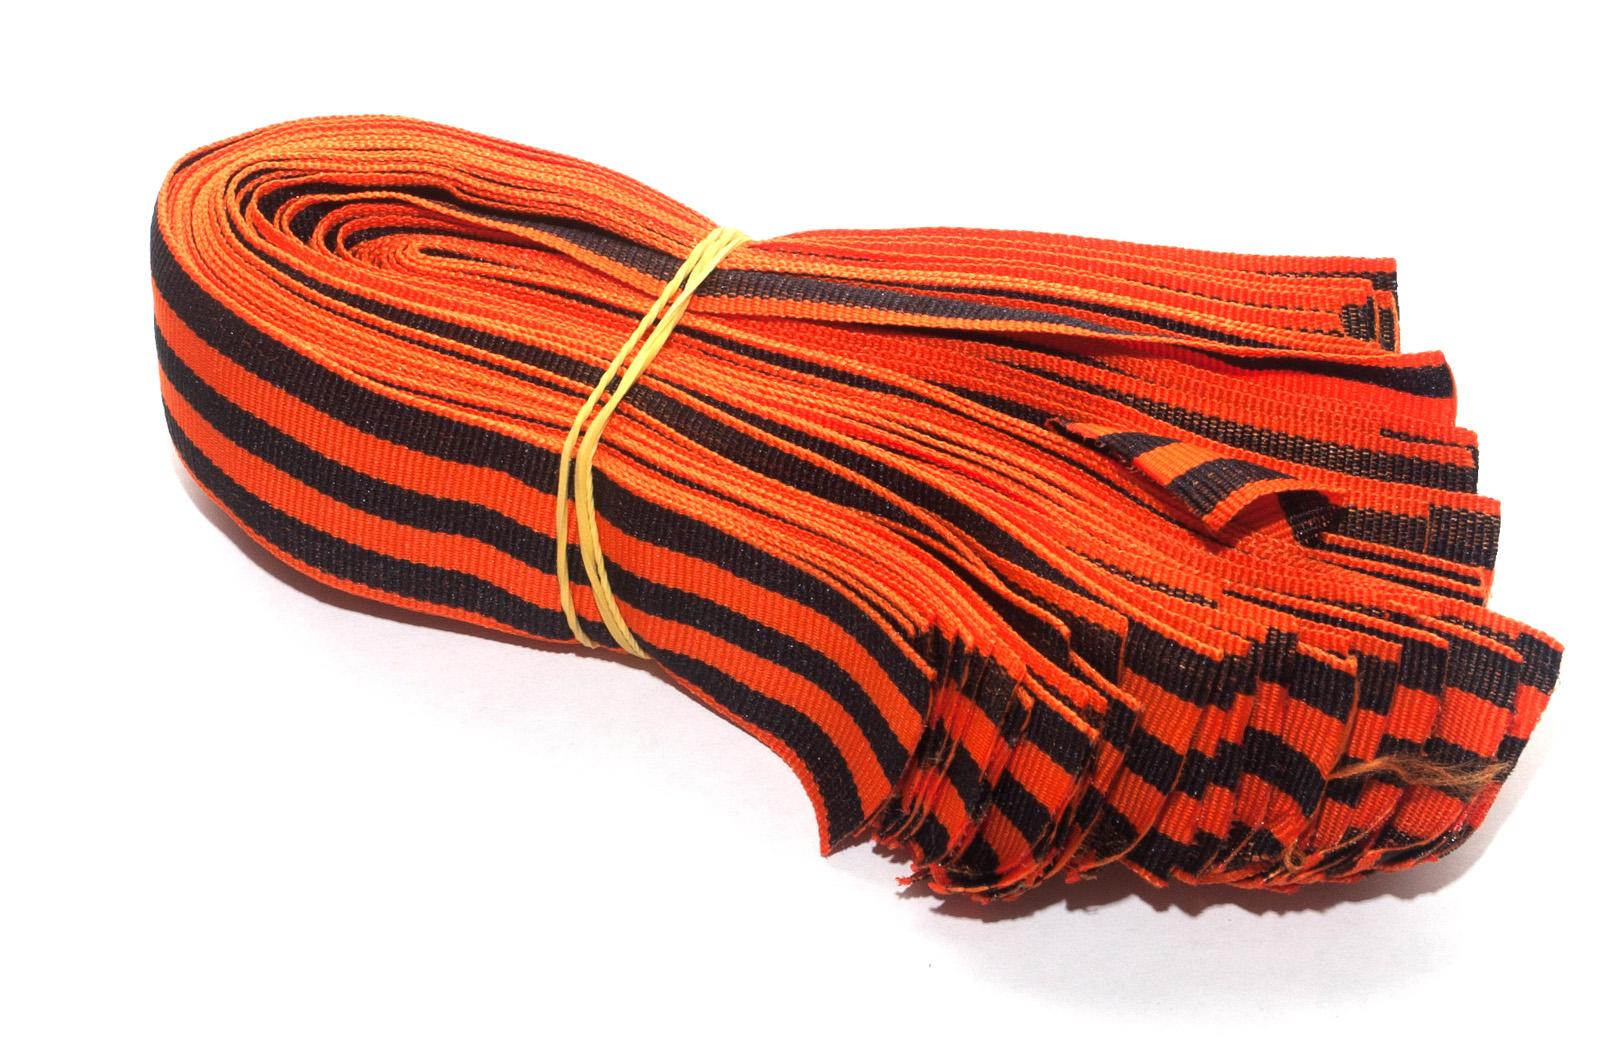 Недорогие Георгиевские ленточки на День Победы оптом и в розницу